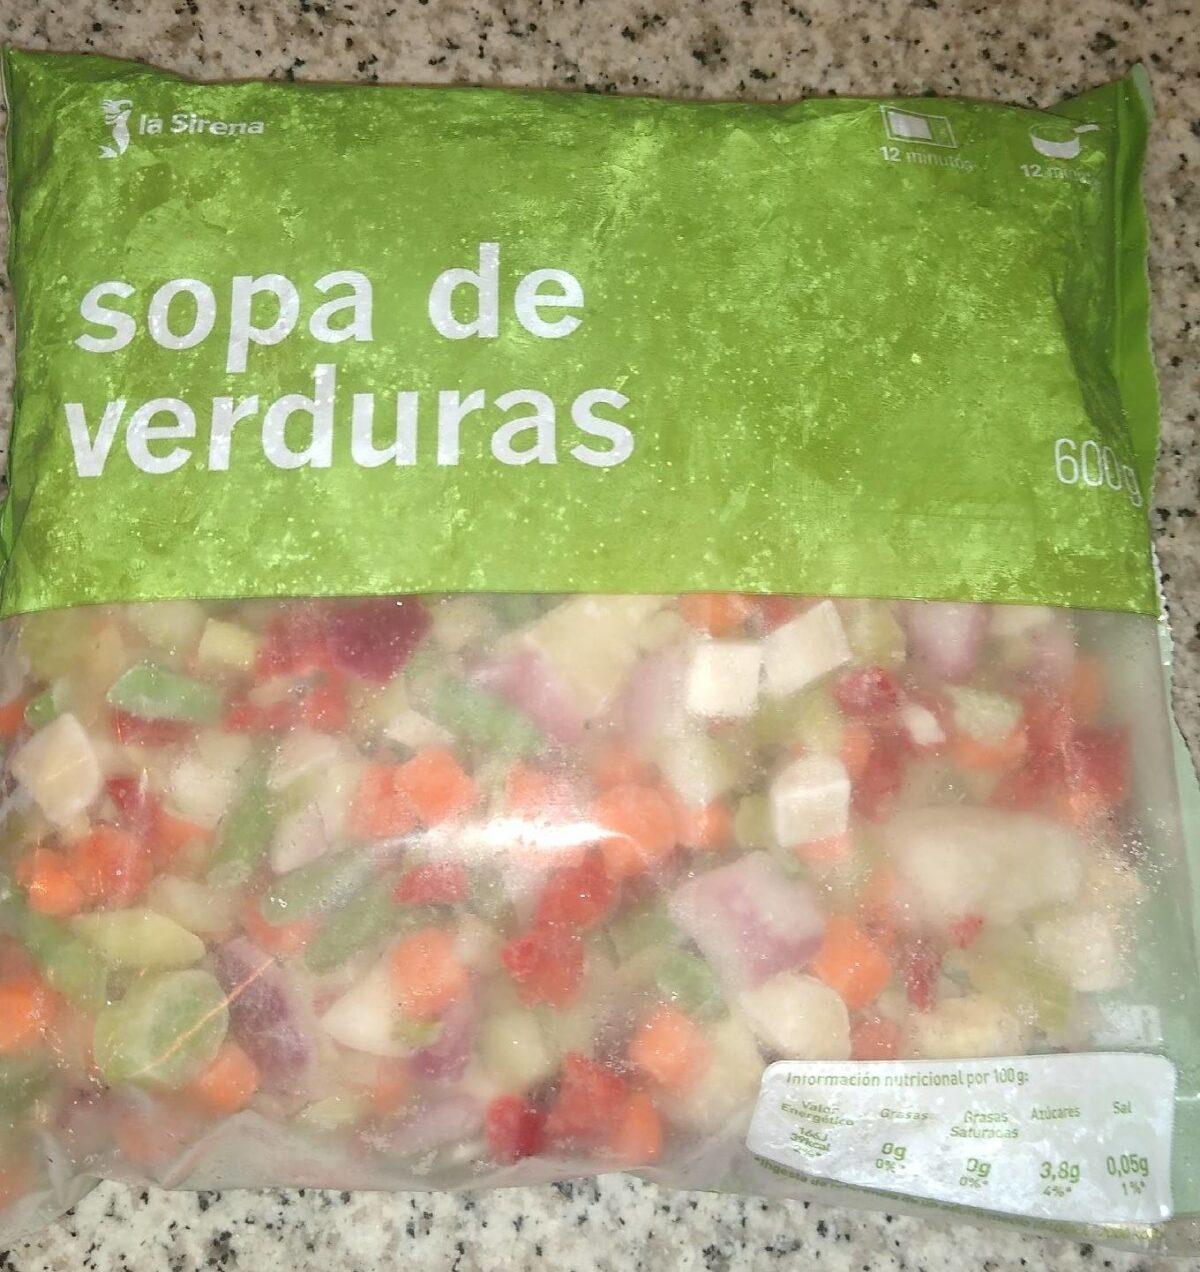 Sopa de verduras - Producto - es